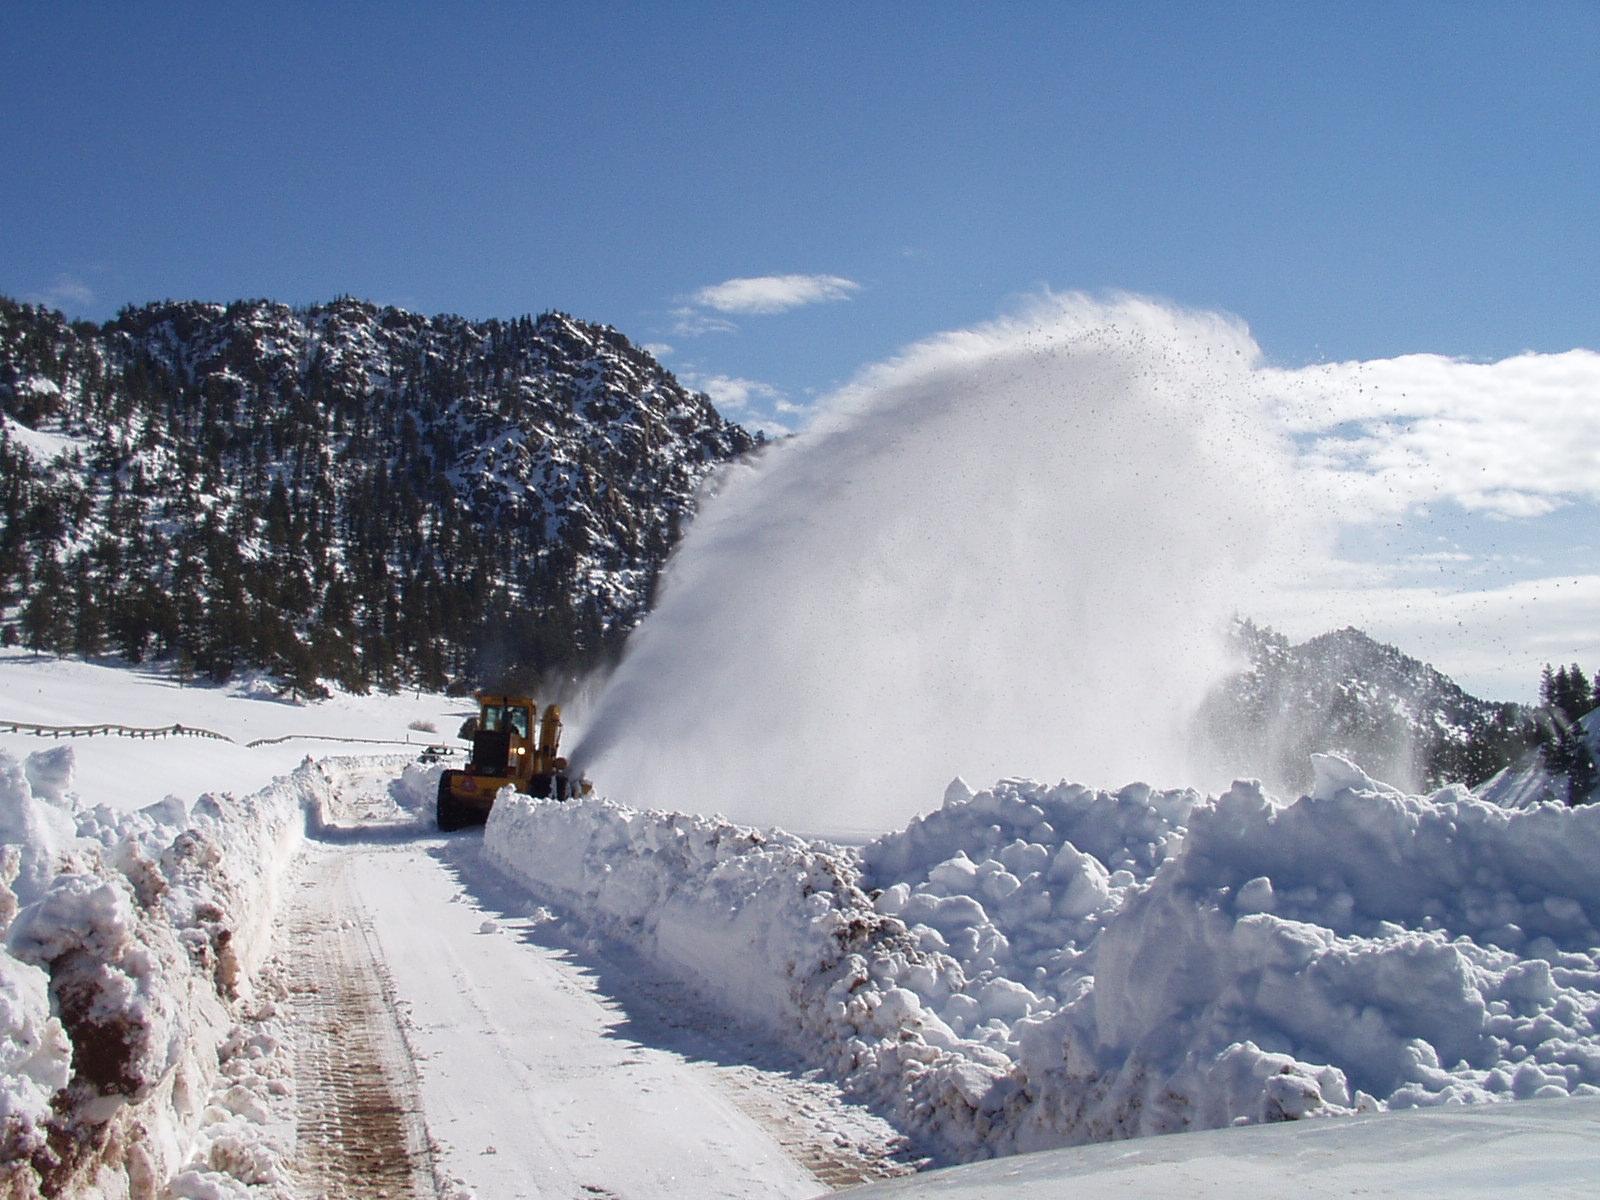 Imagen 2: Control de nieve y hielo